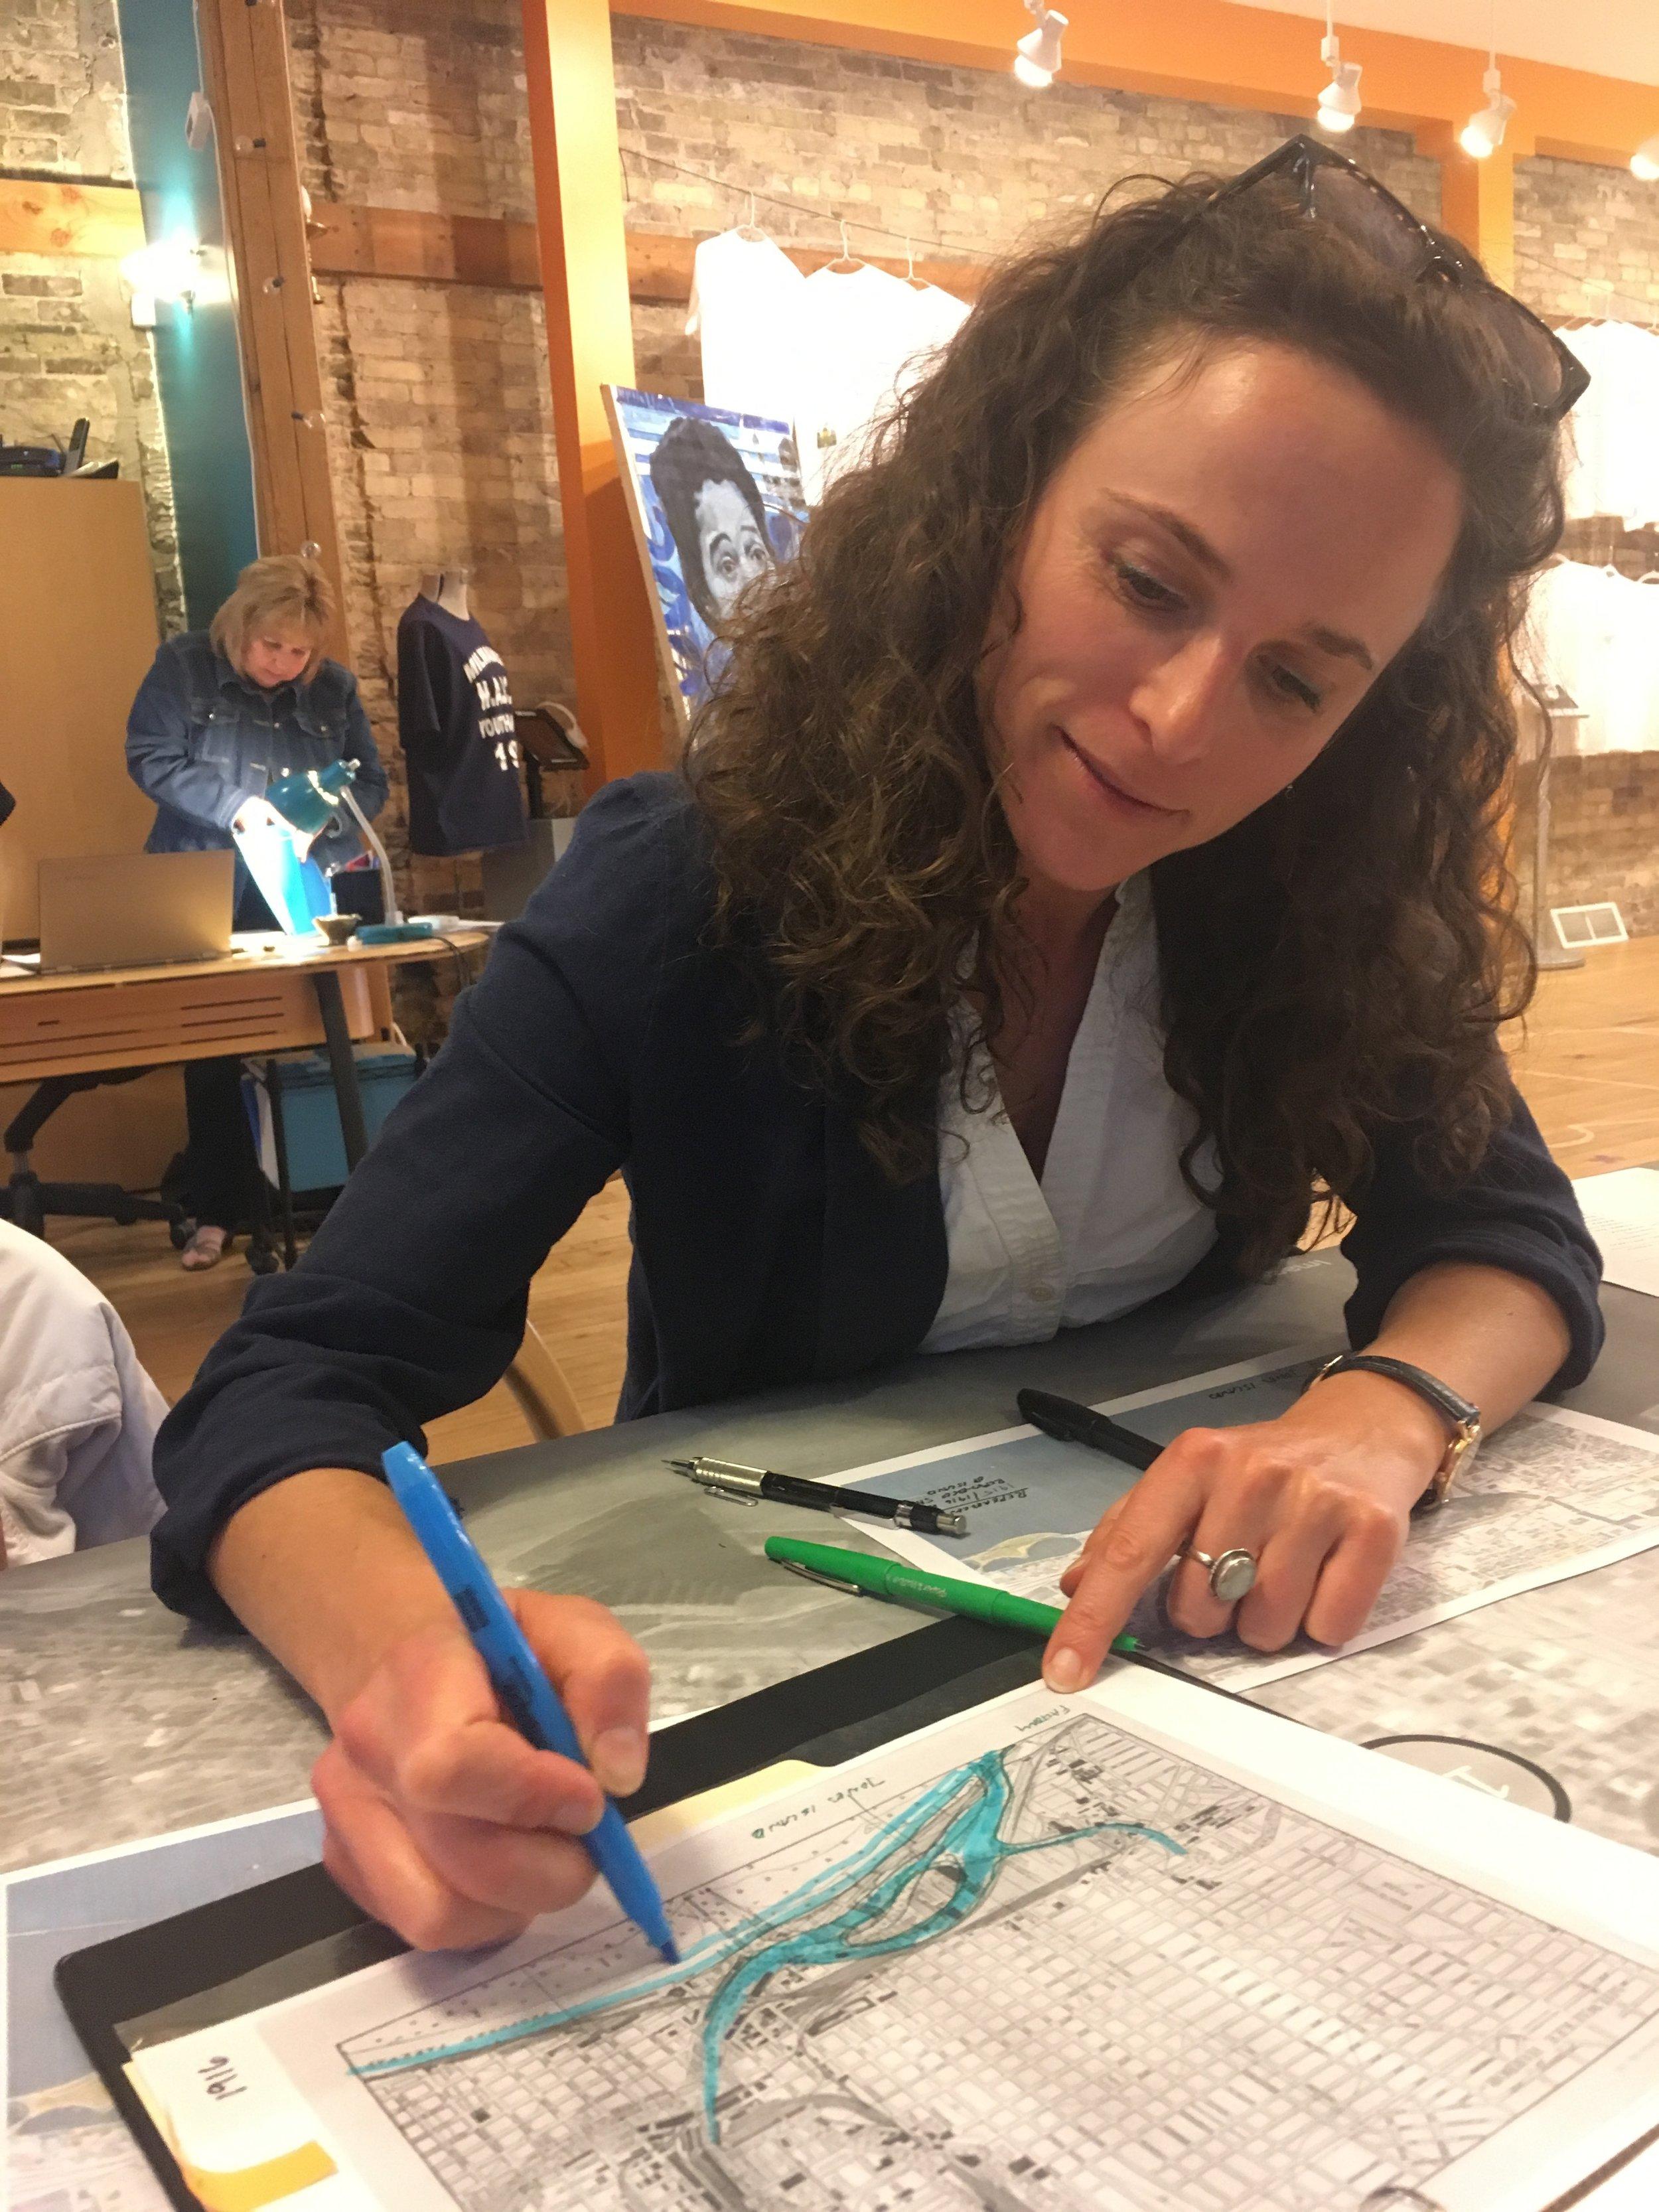 Lauren Brown considers the evolution of Jones Island to be represented in one of our scenarios.